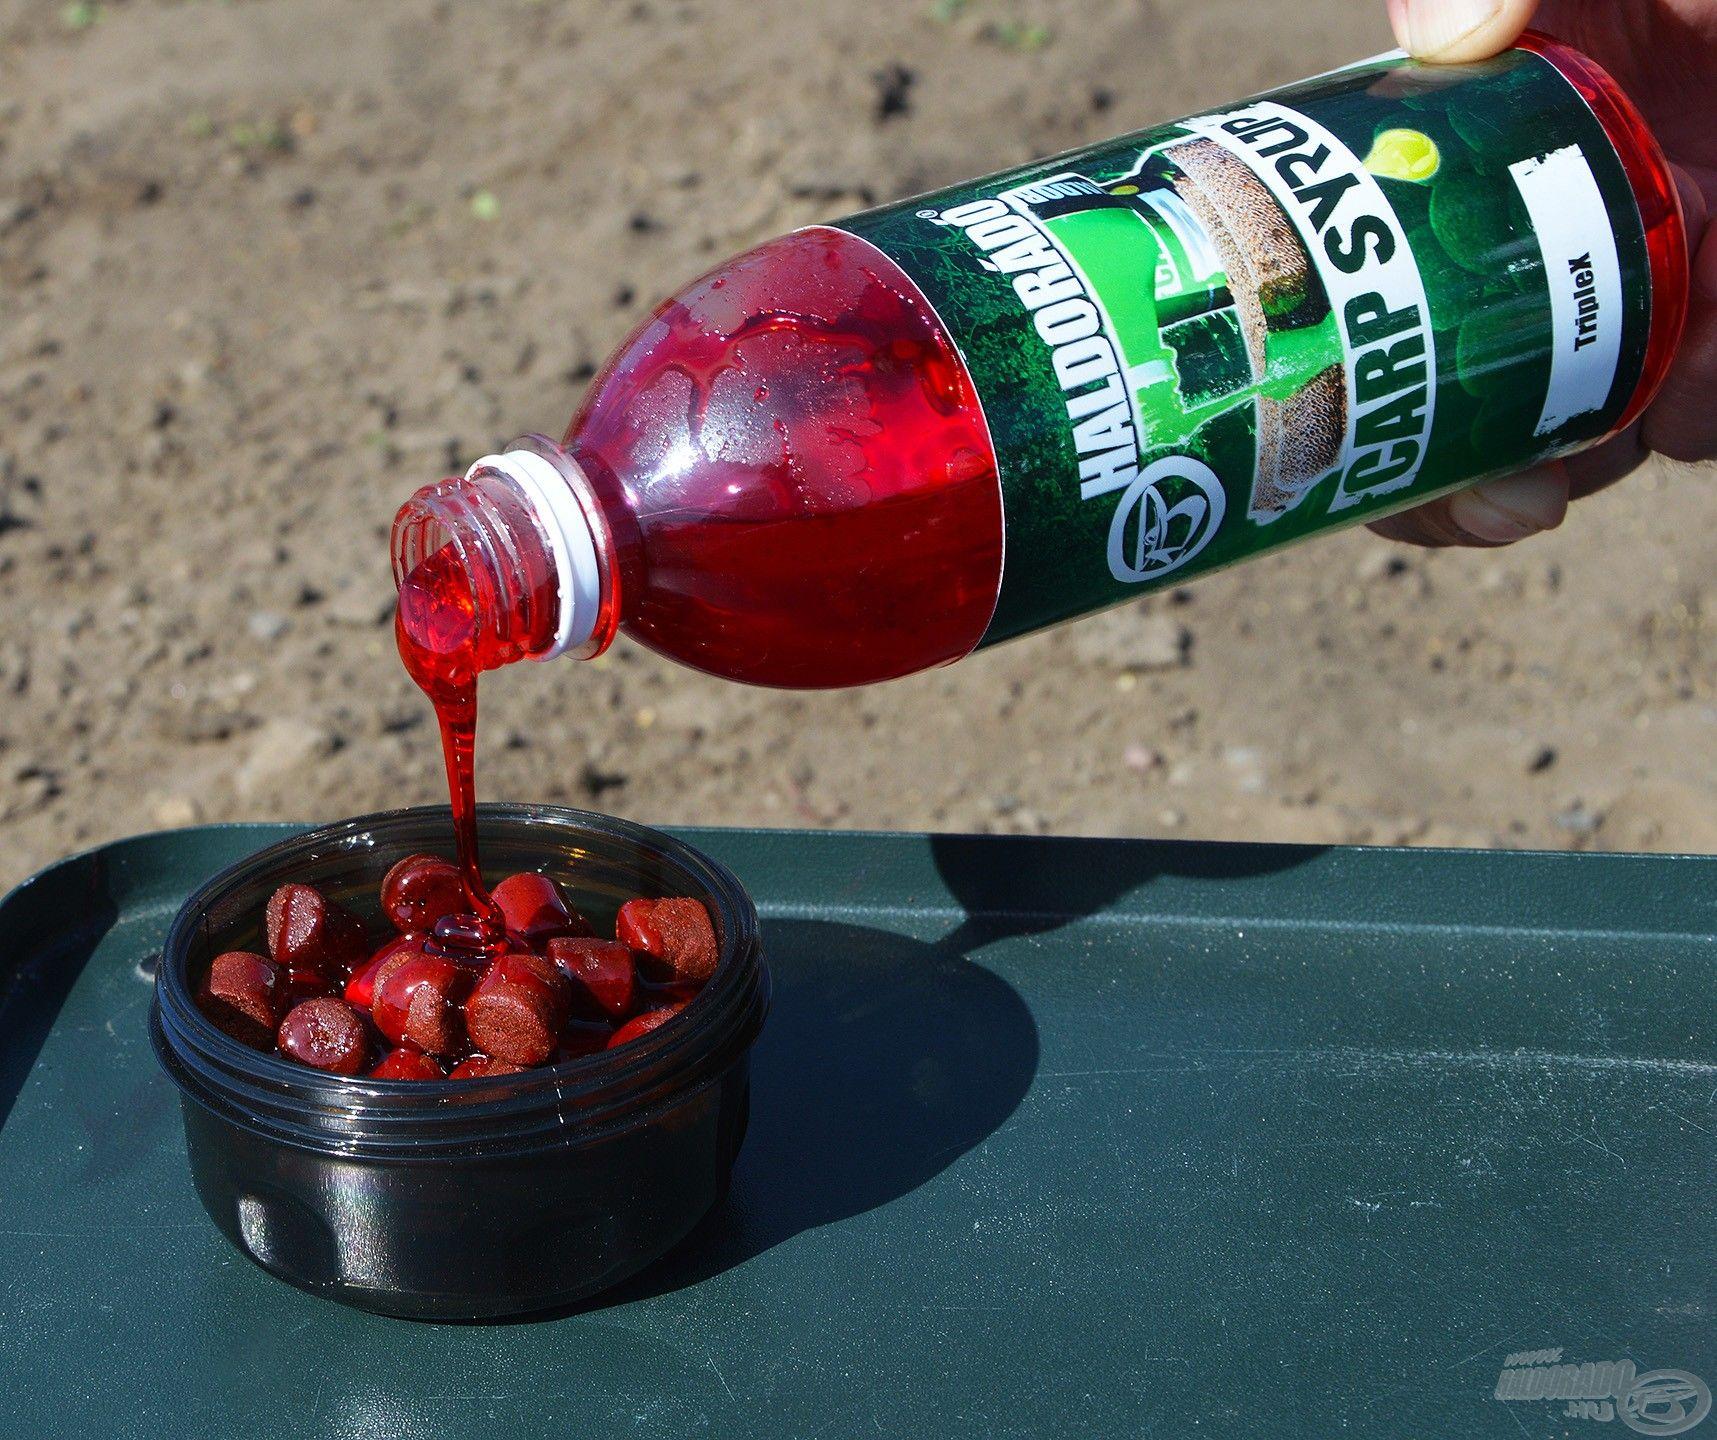 A tégely rácsos tároló kosarába belehelyeztem a red halibut pelleteket, majd jól nyakon öntöttem TripleX Carp Syrup aromával